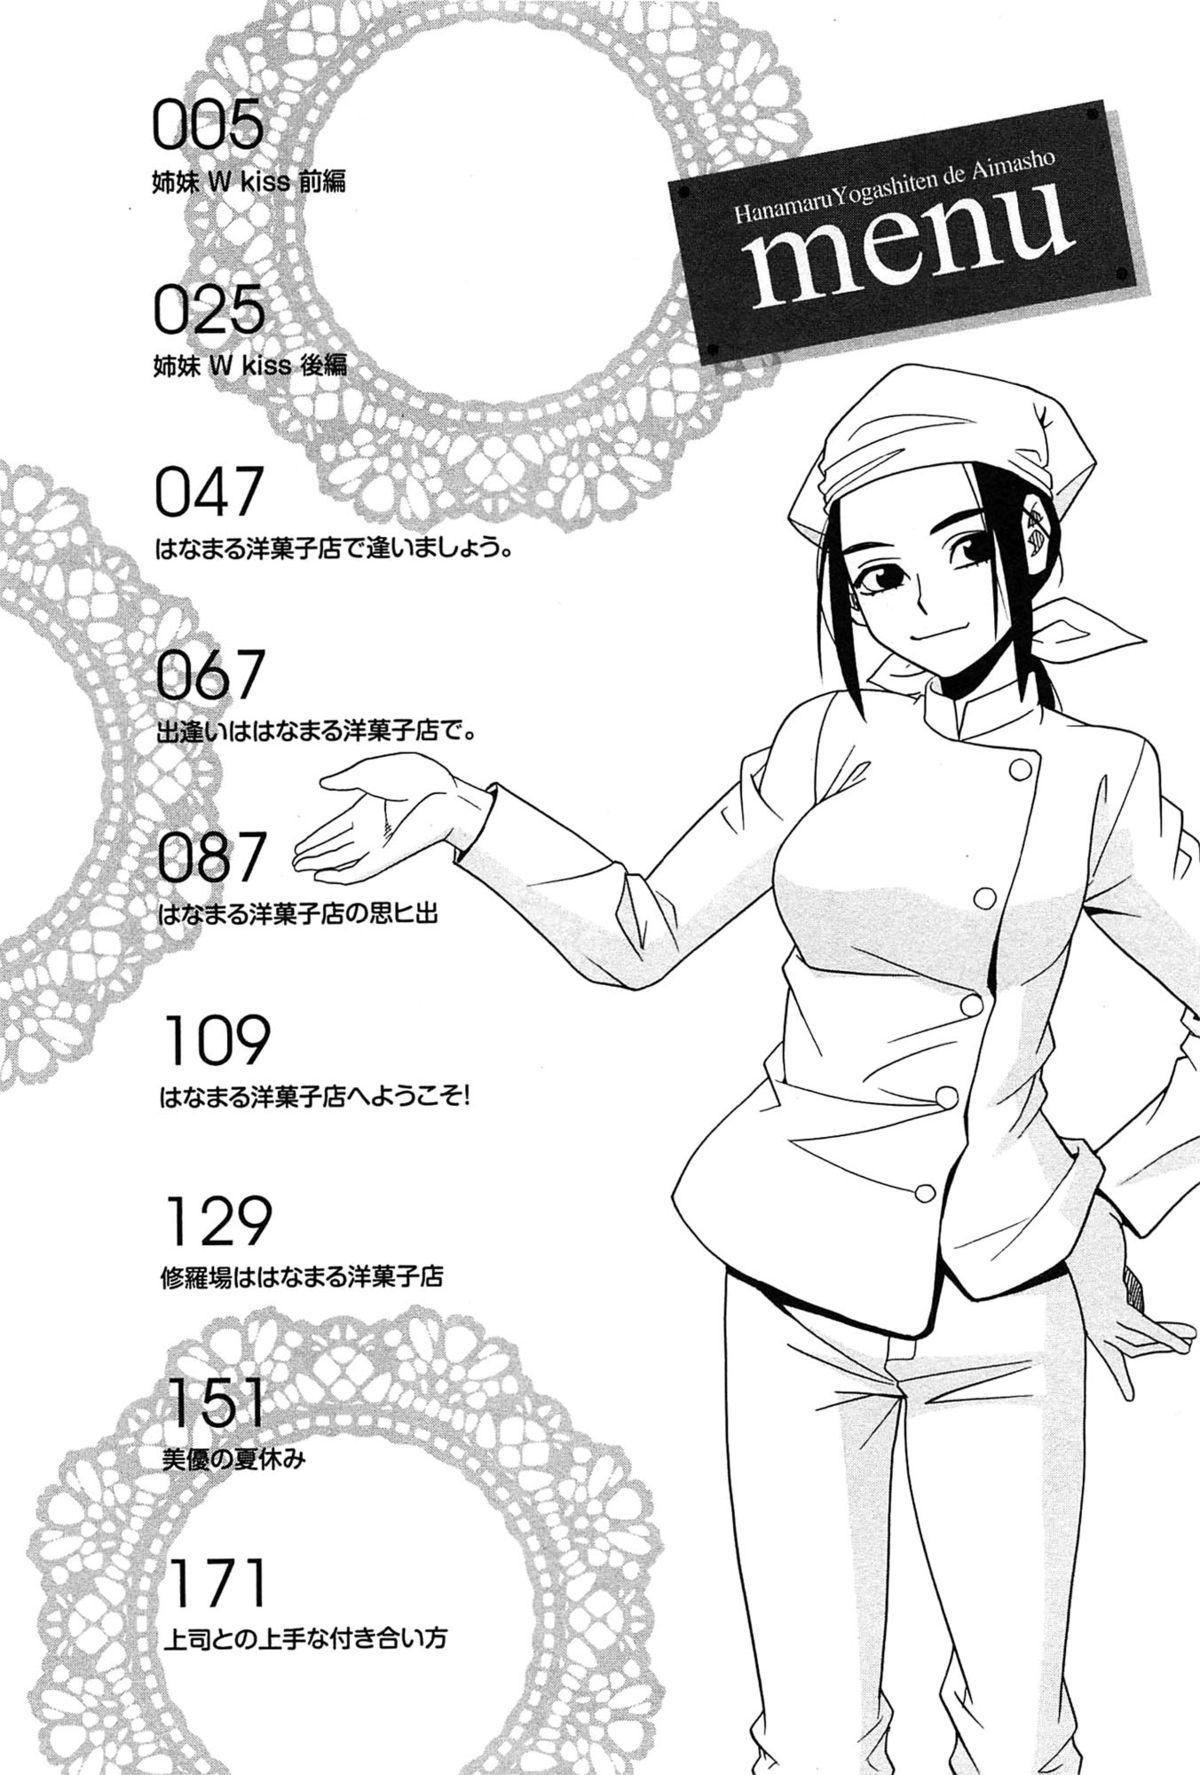 Hanamaru Yougashiten de Aimashou 3